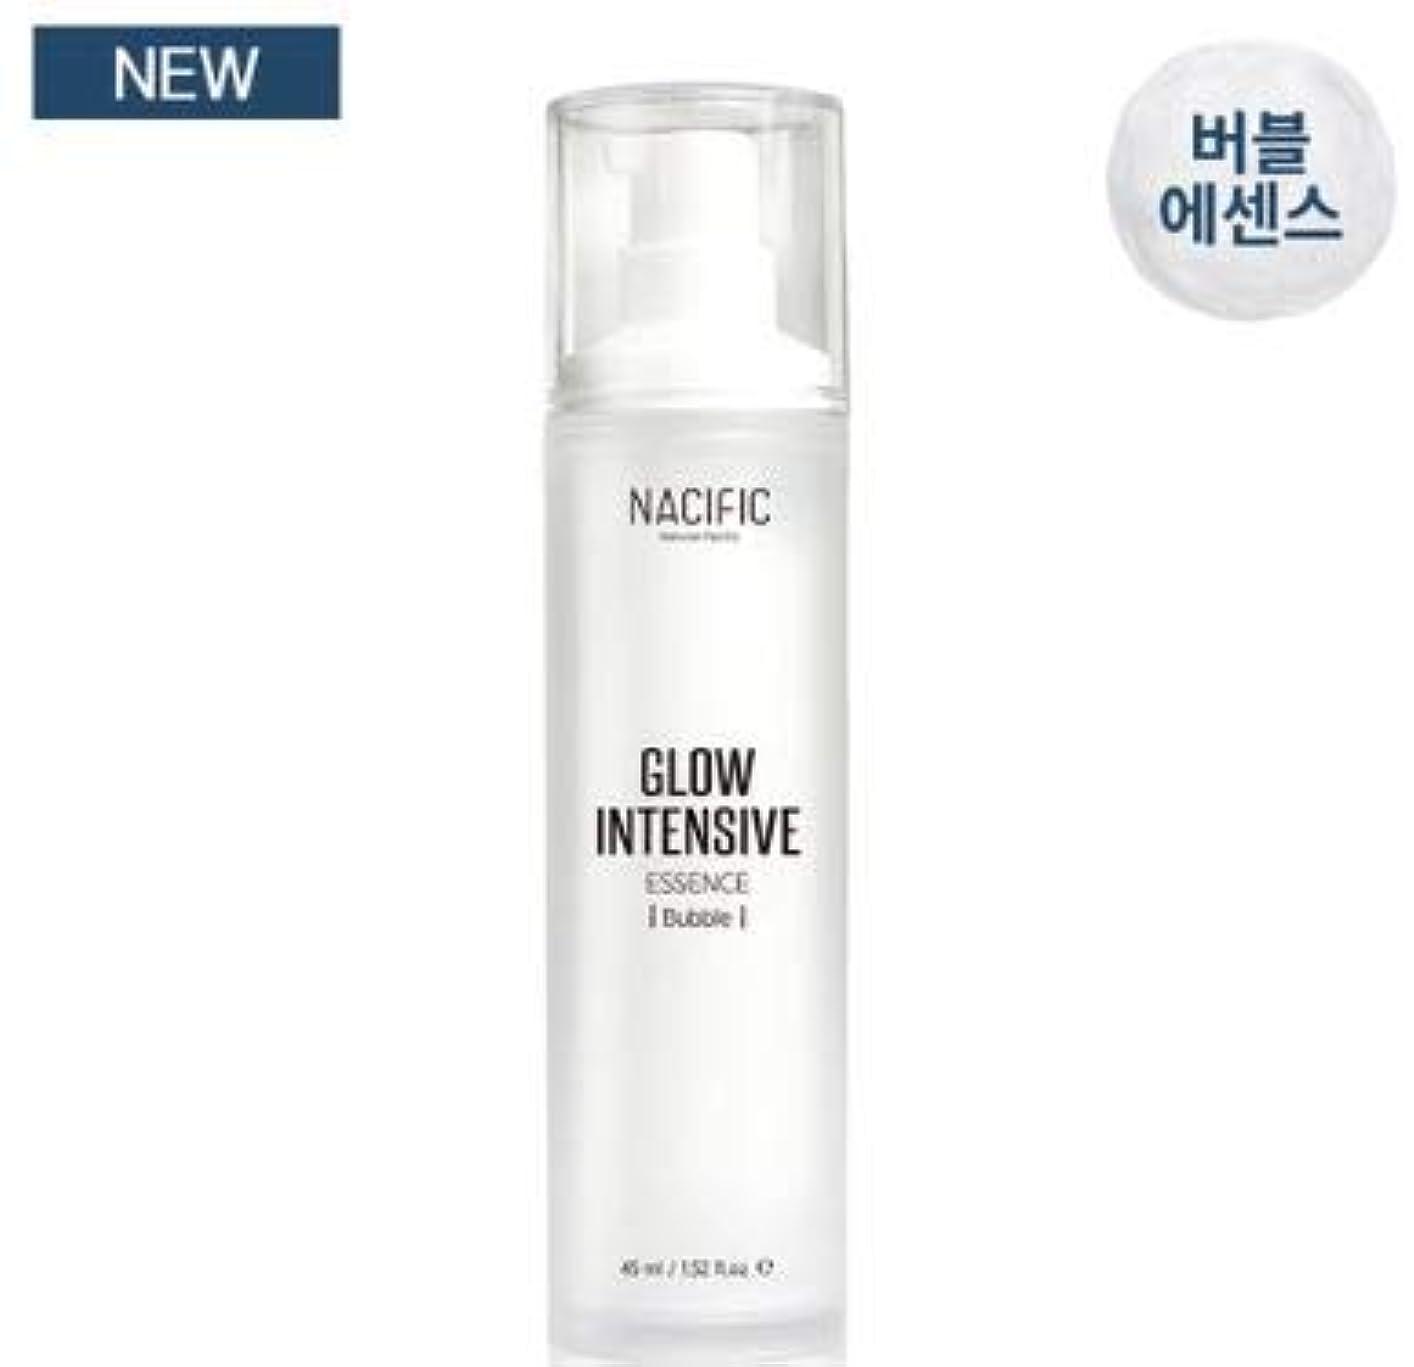 発行する箱雄弁な[NACIFIC] Glow Intensive Bubble Essence 45ml/[ナシフィック]グローインテンシブバブルエッセンス45ml [並行輸入品]